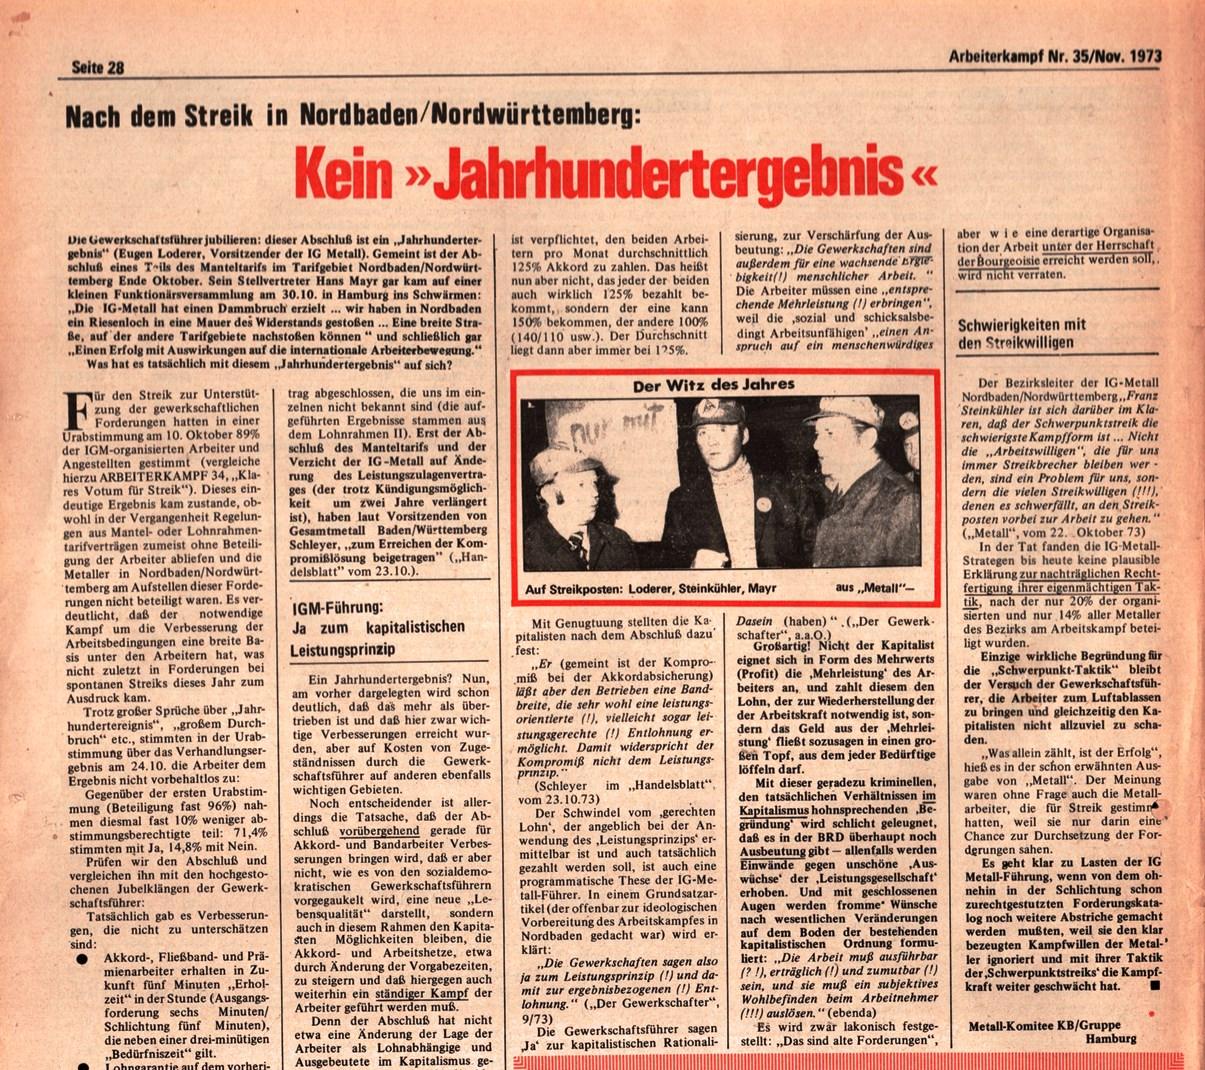 KB_AK_1973_035_055